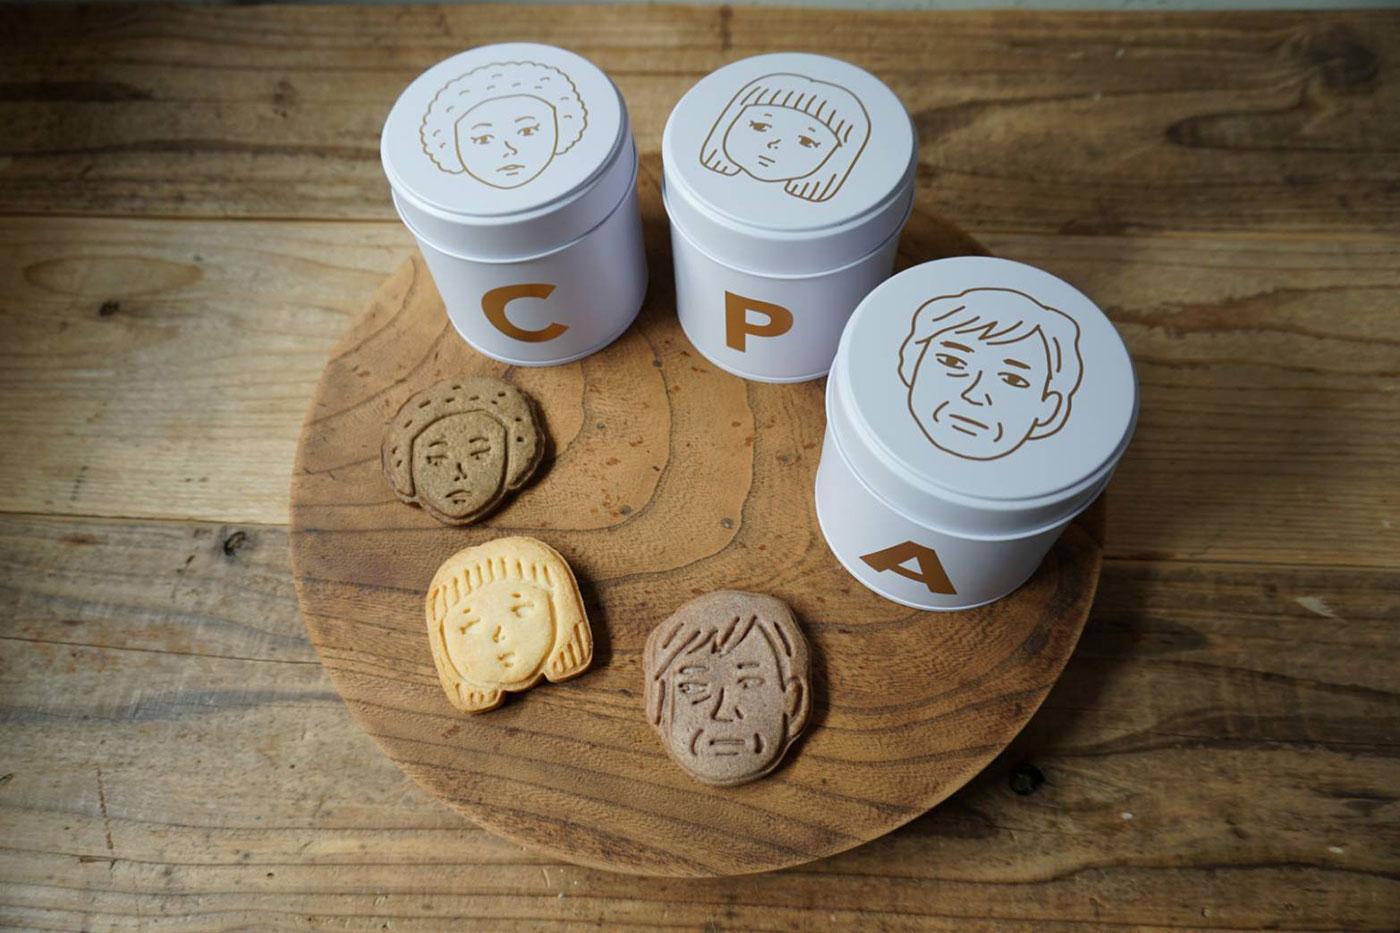 新作クッキー缶、店頭で先行発売